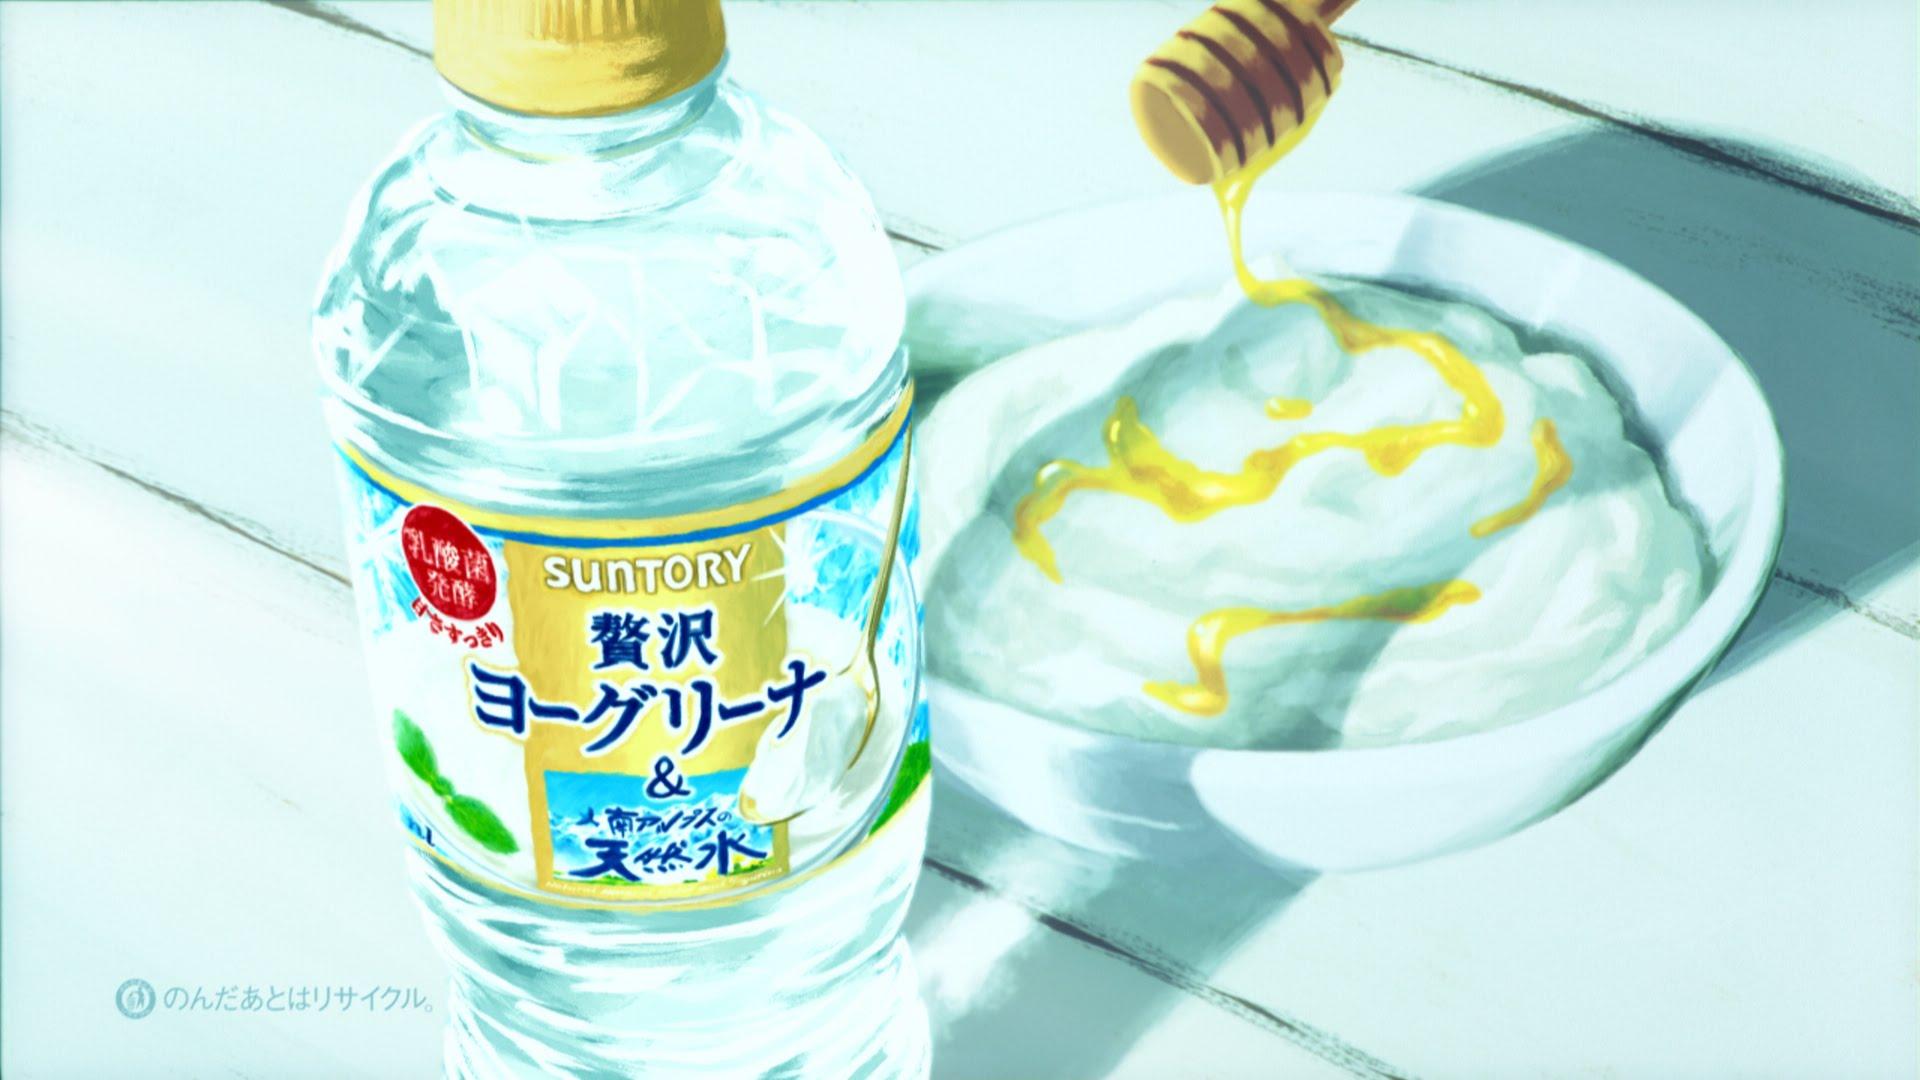 ヨーグリーナを飲むと太る?気になる成分やカロリー・砂糖は?